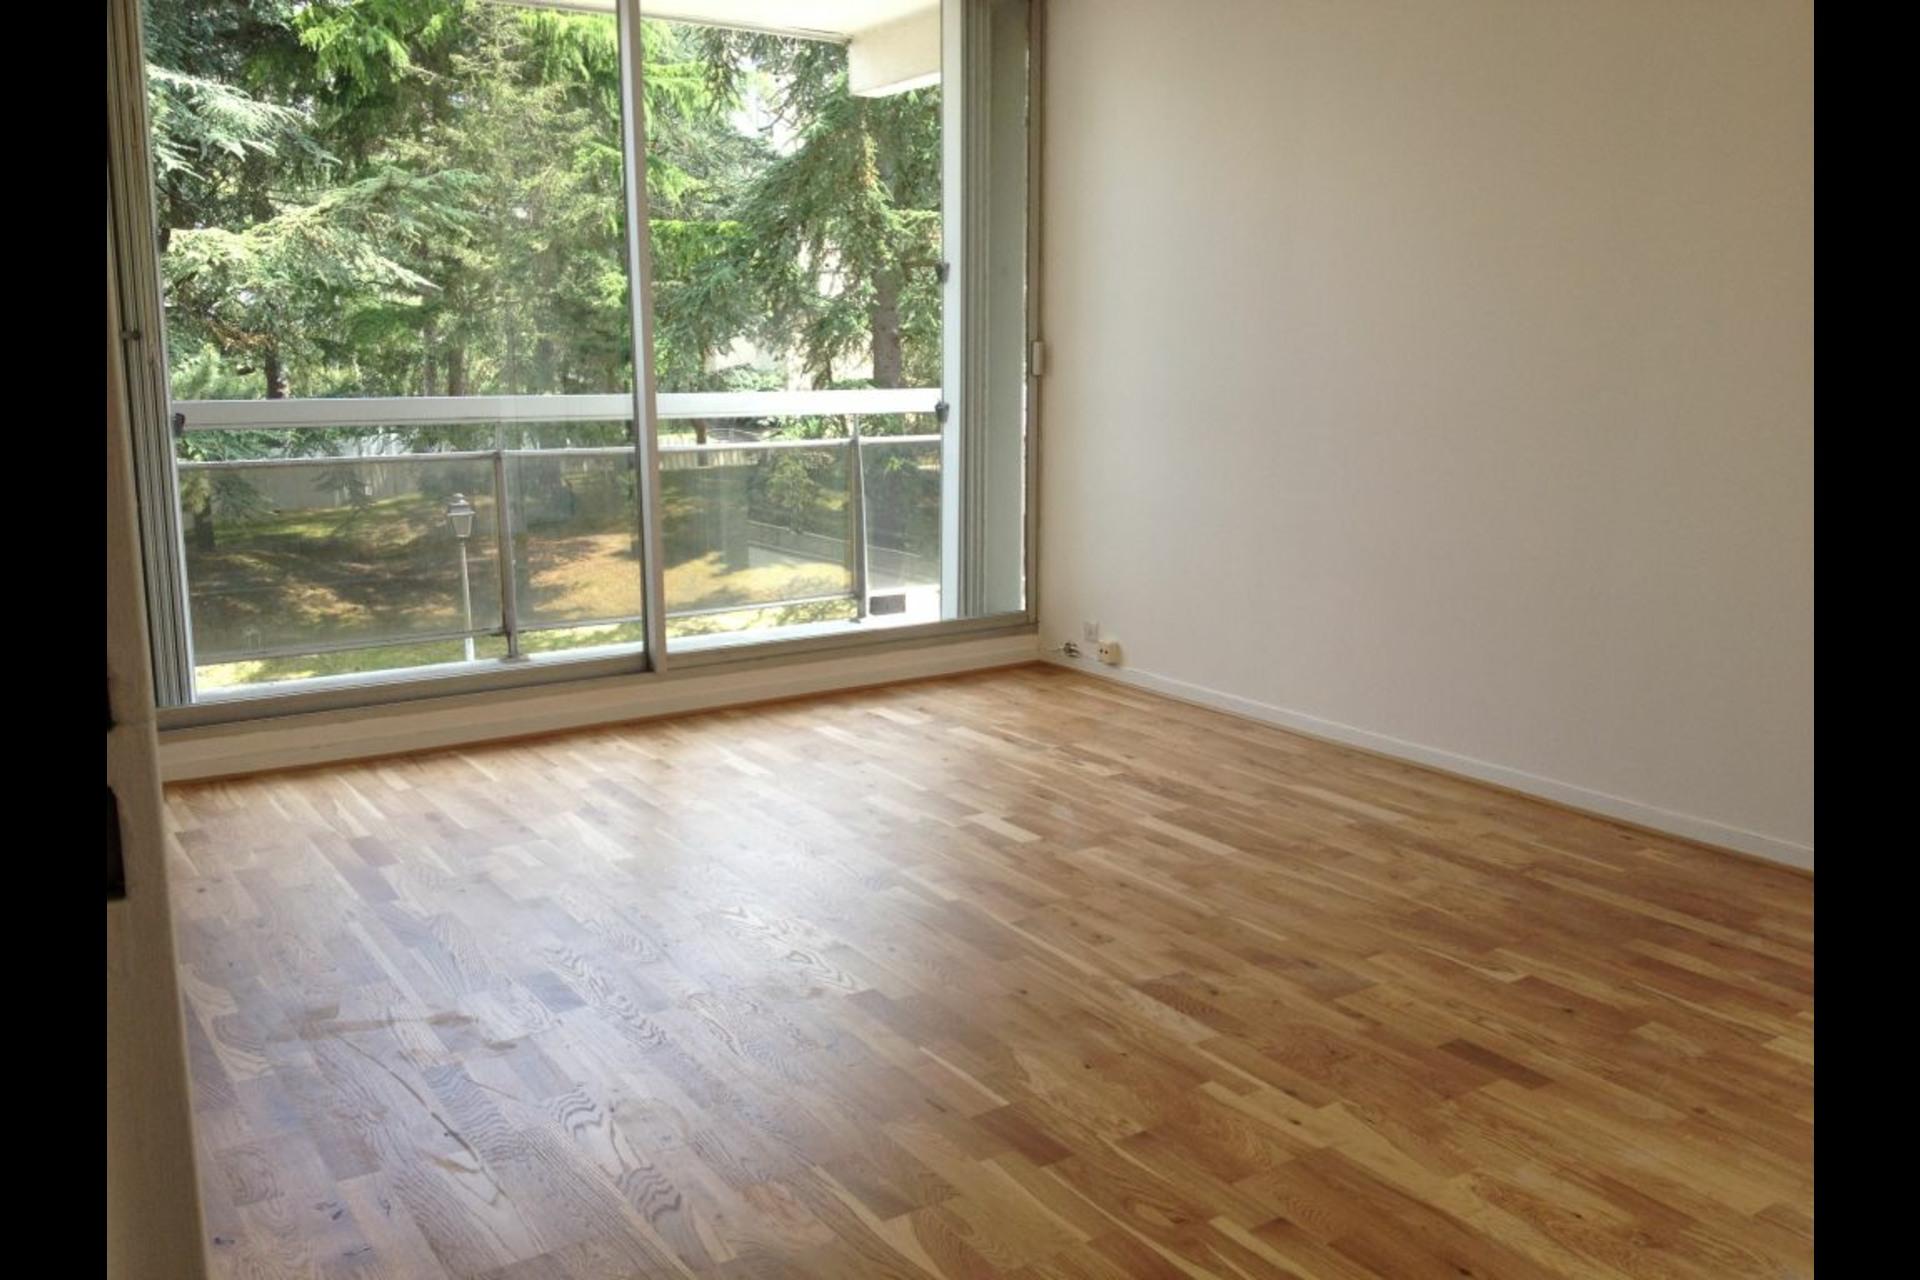 image 3 - Apartment For rent saint germain en laye - 3 rooms